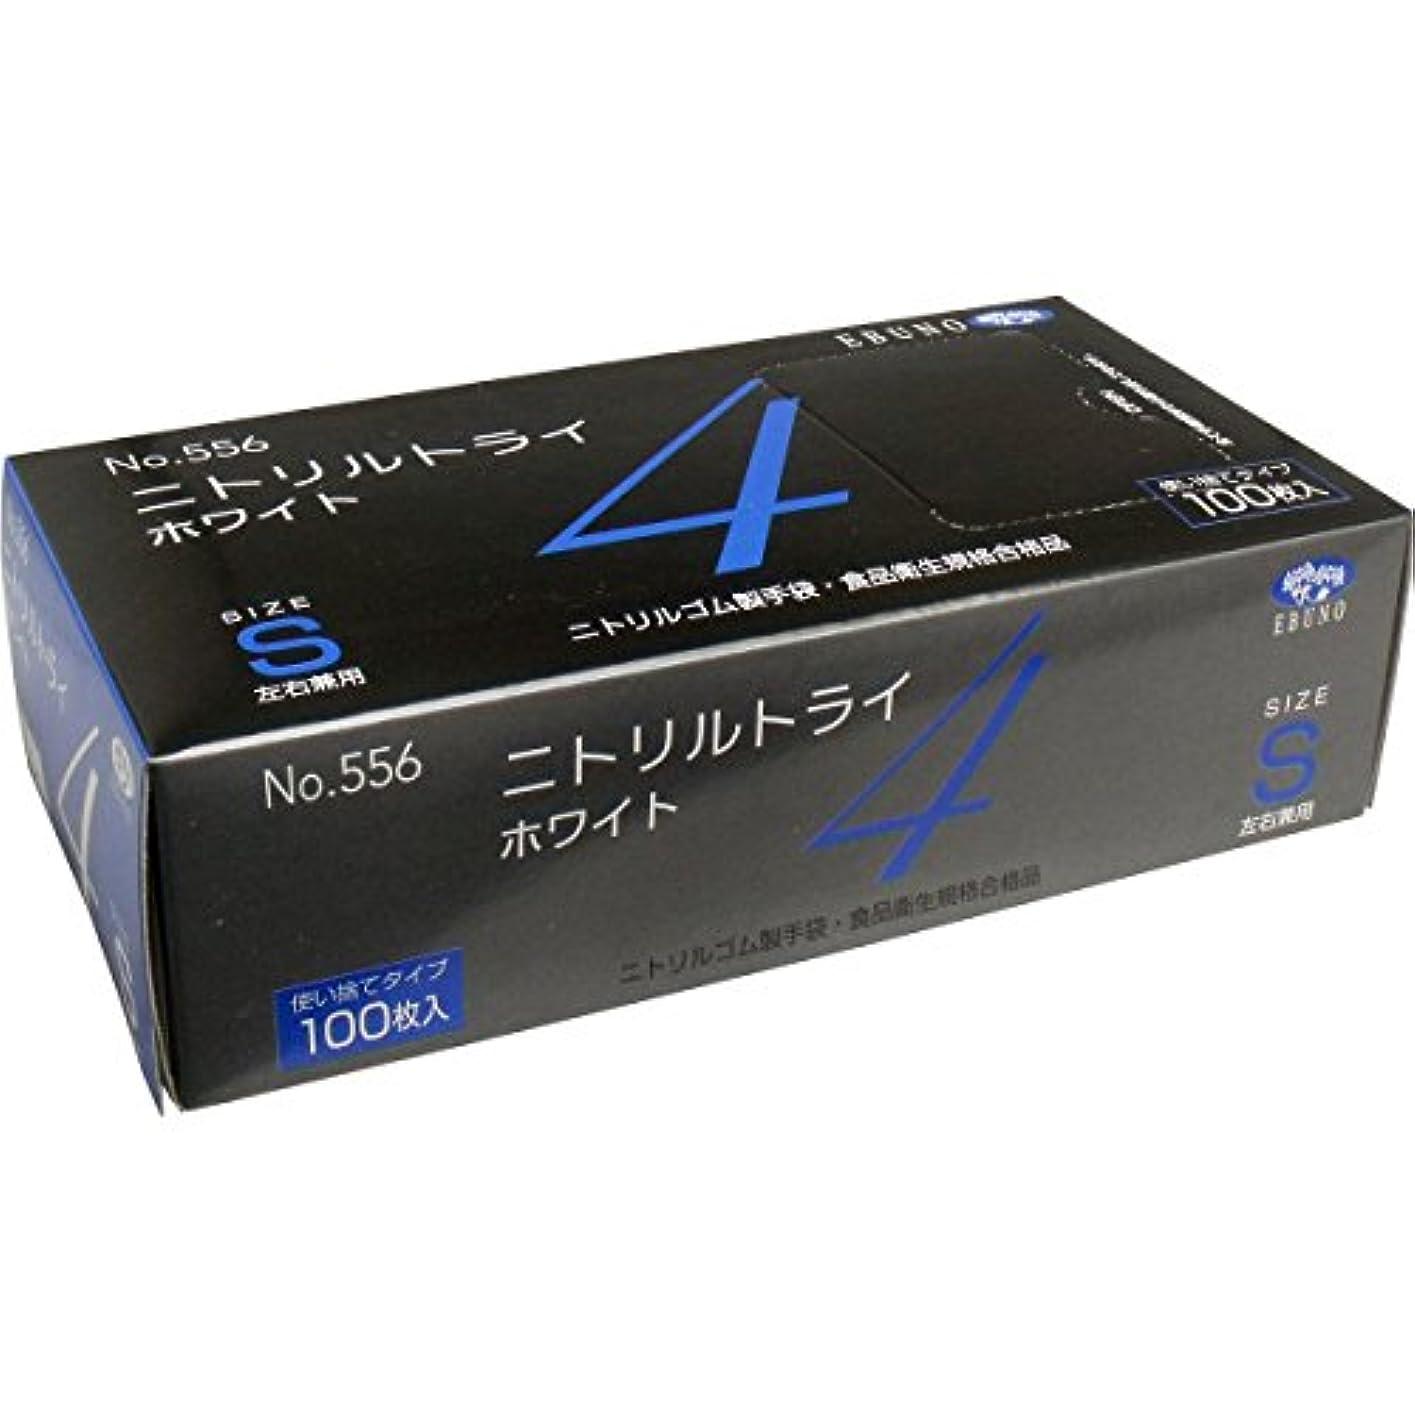 利用可能尊厳たくさんニトリルトライ4 №556 ホワイト 粉付 Sサイズ 100枚入